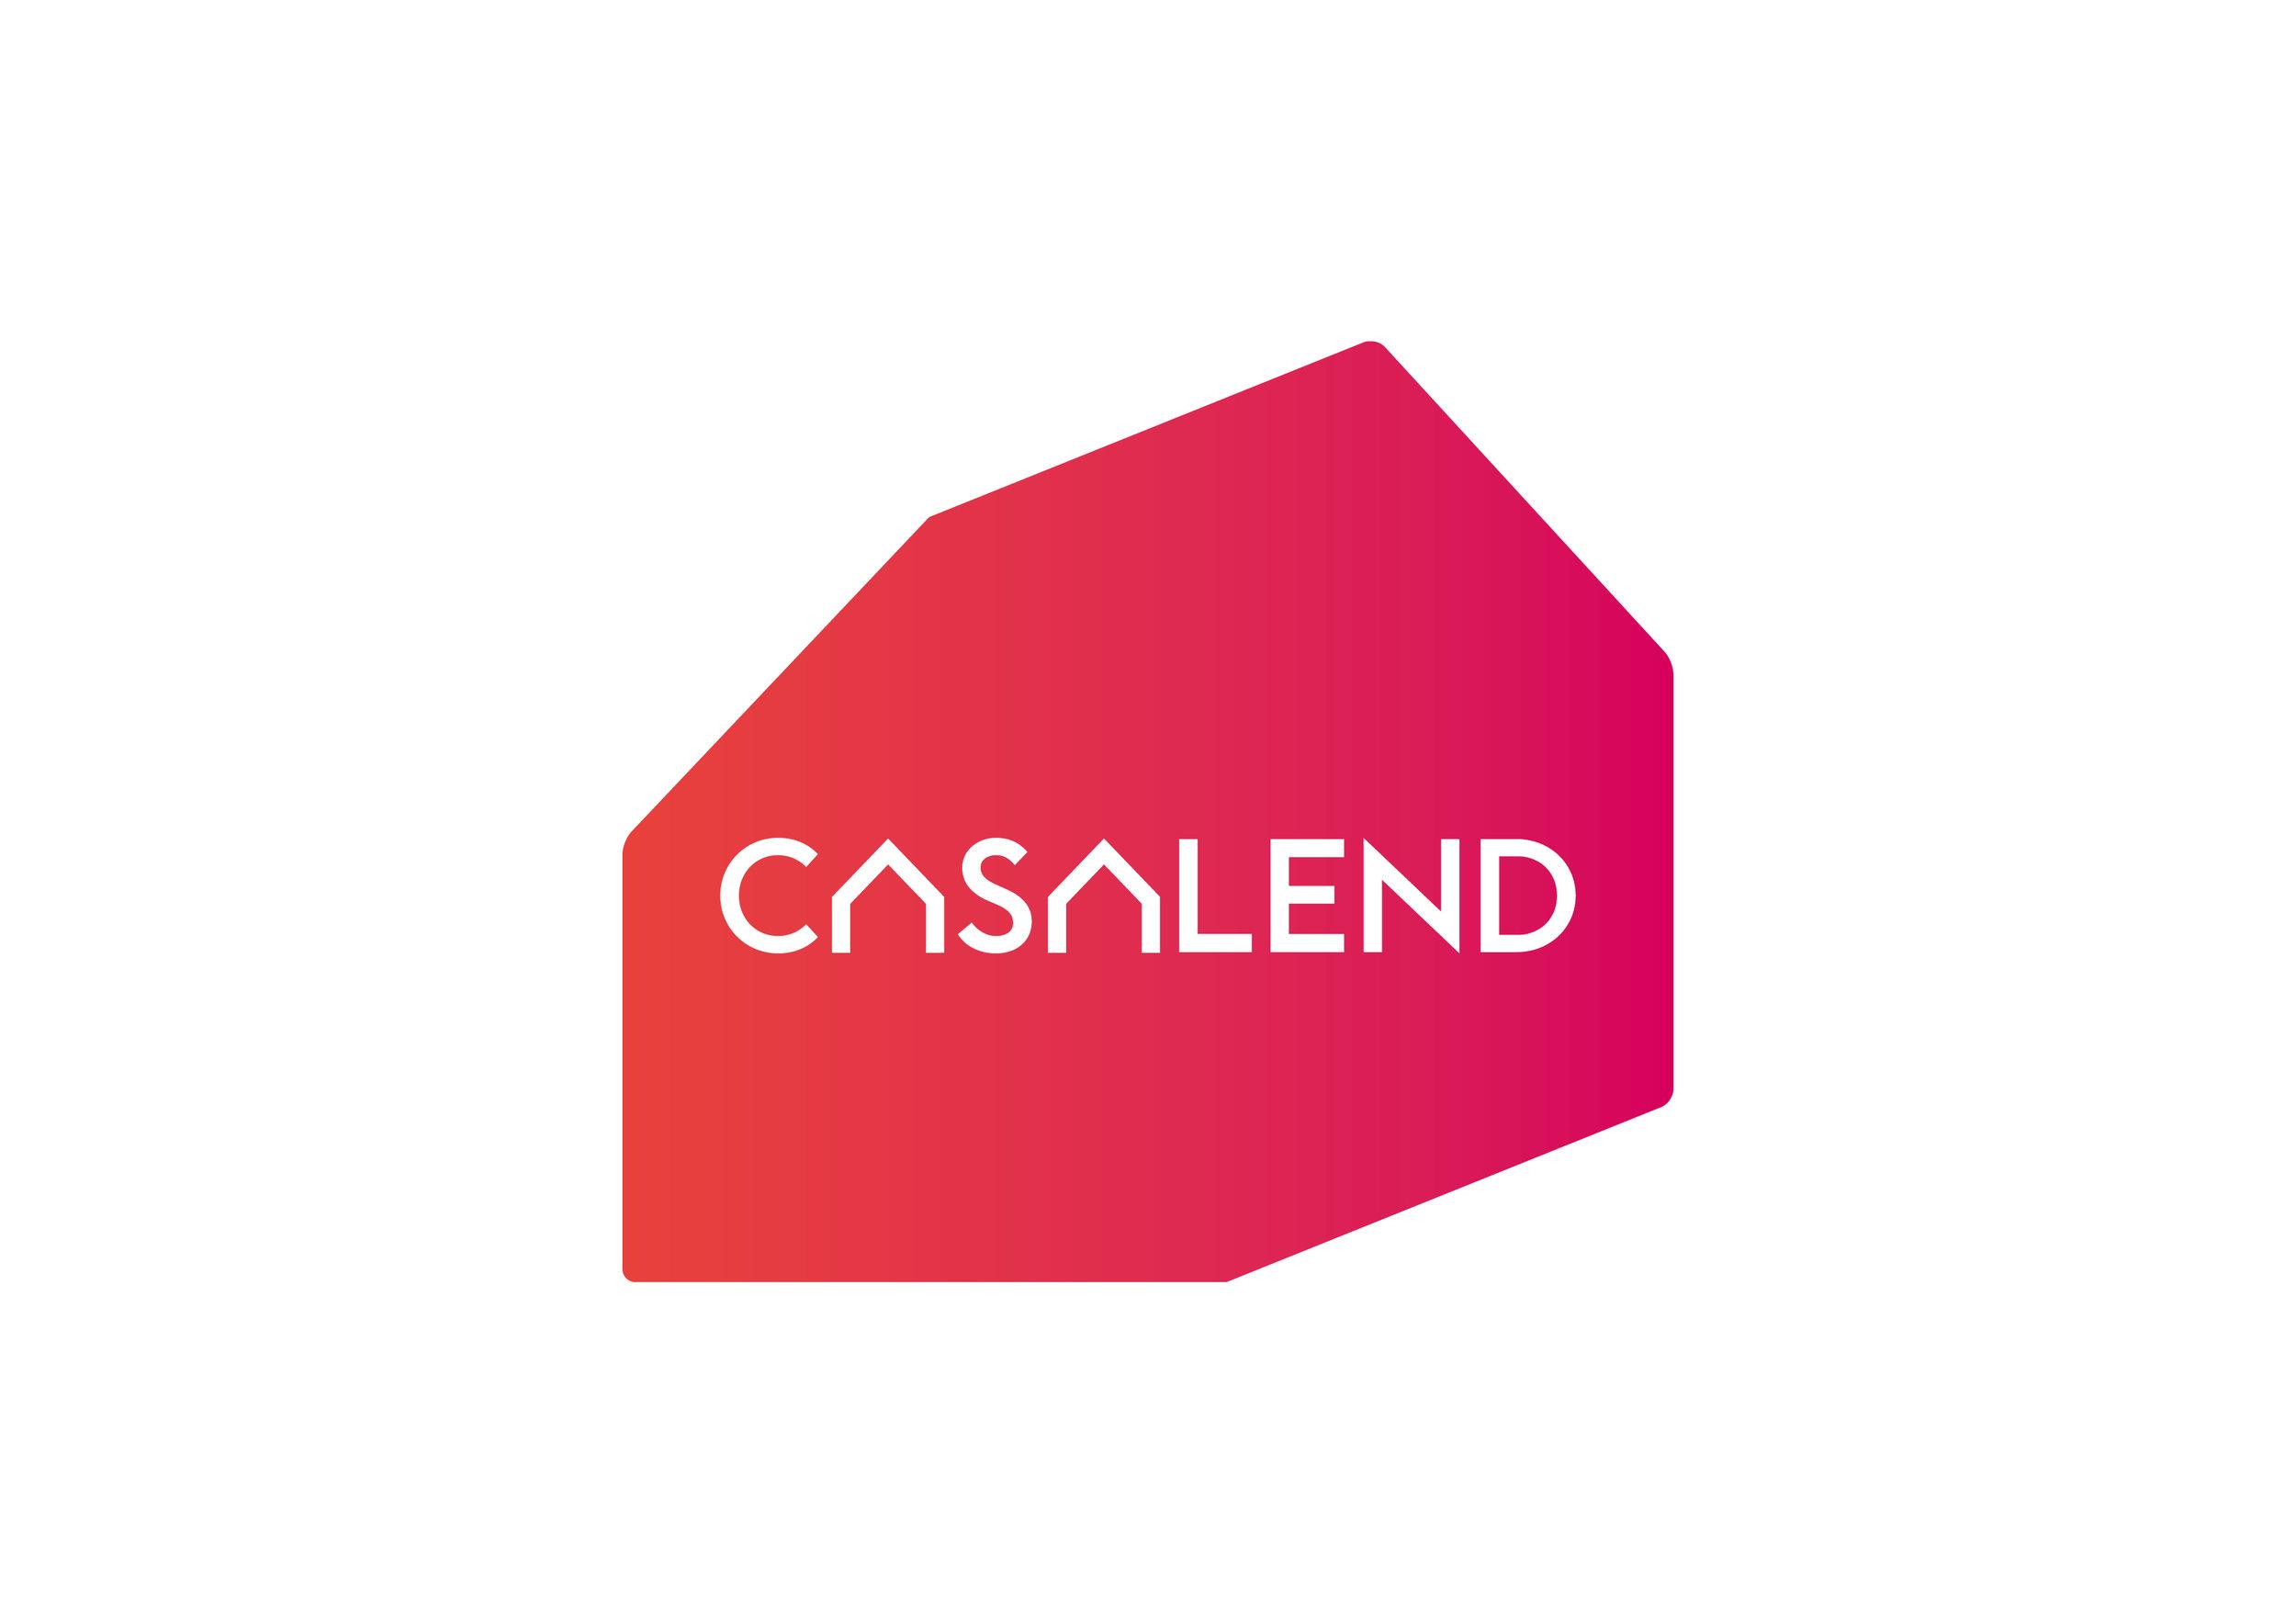 Casalend2.jpg